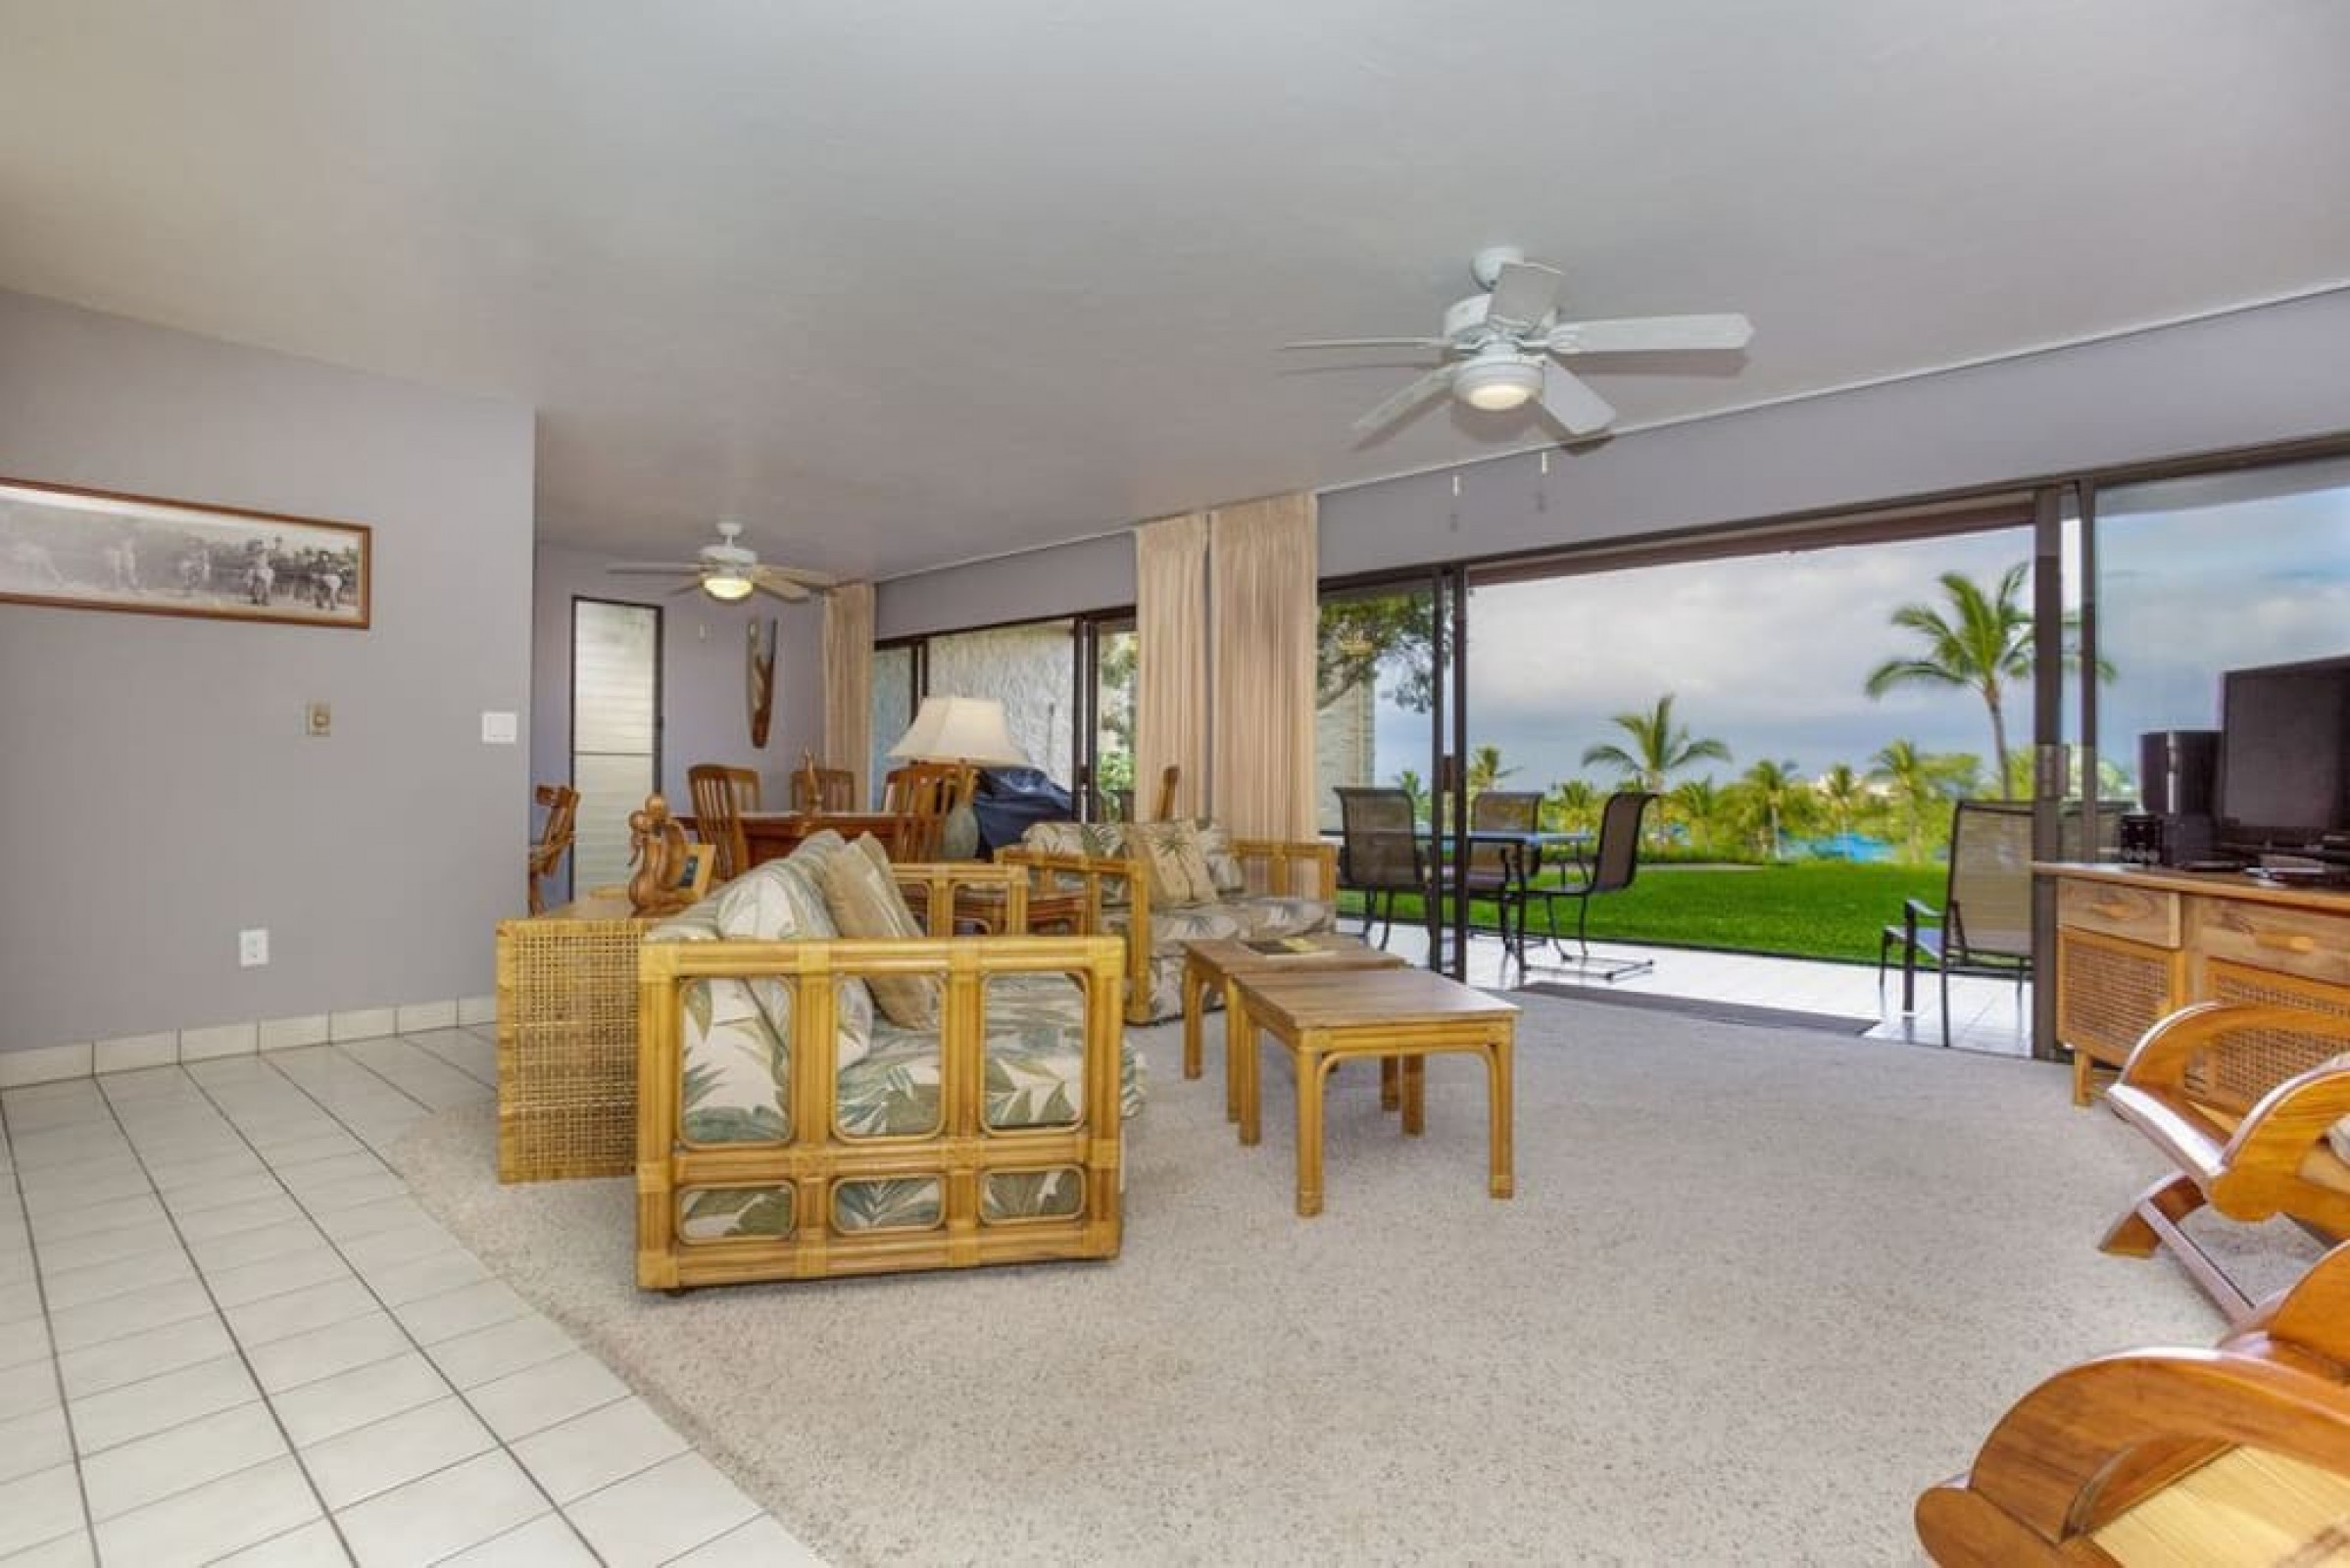 Keauhou Punahele A104 - Cozy Island Themed 2 Bed 2 Bath